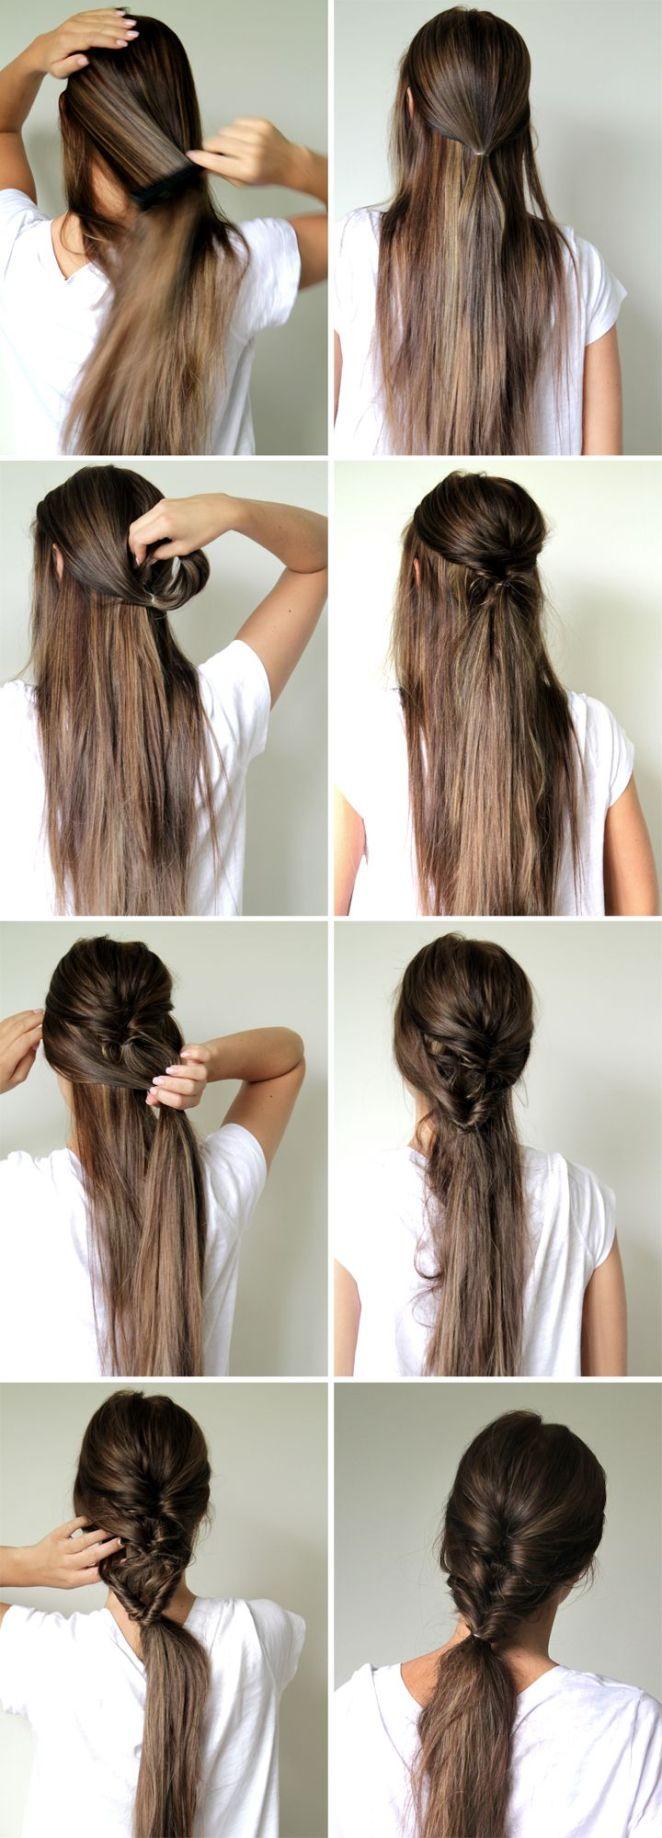 13. Se puede empezar con la misma técnica desde más arriba y lograr este peinado: